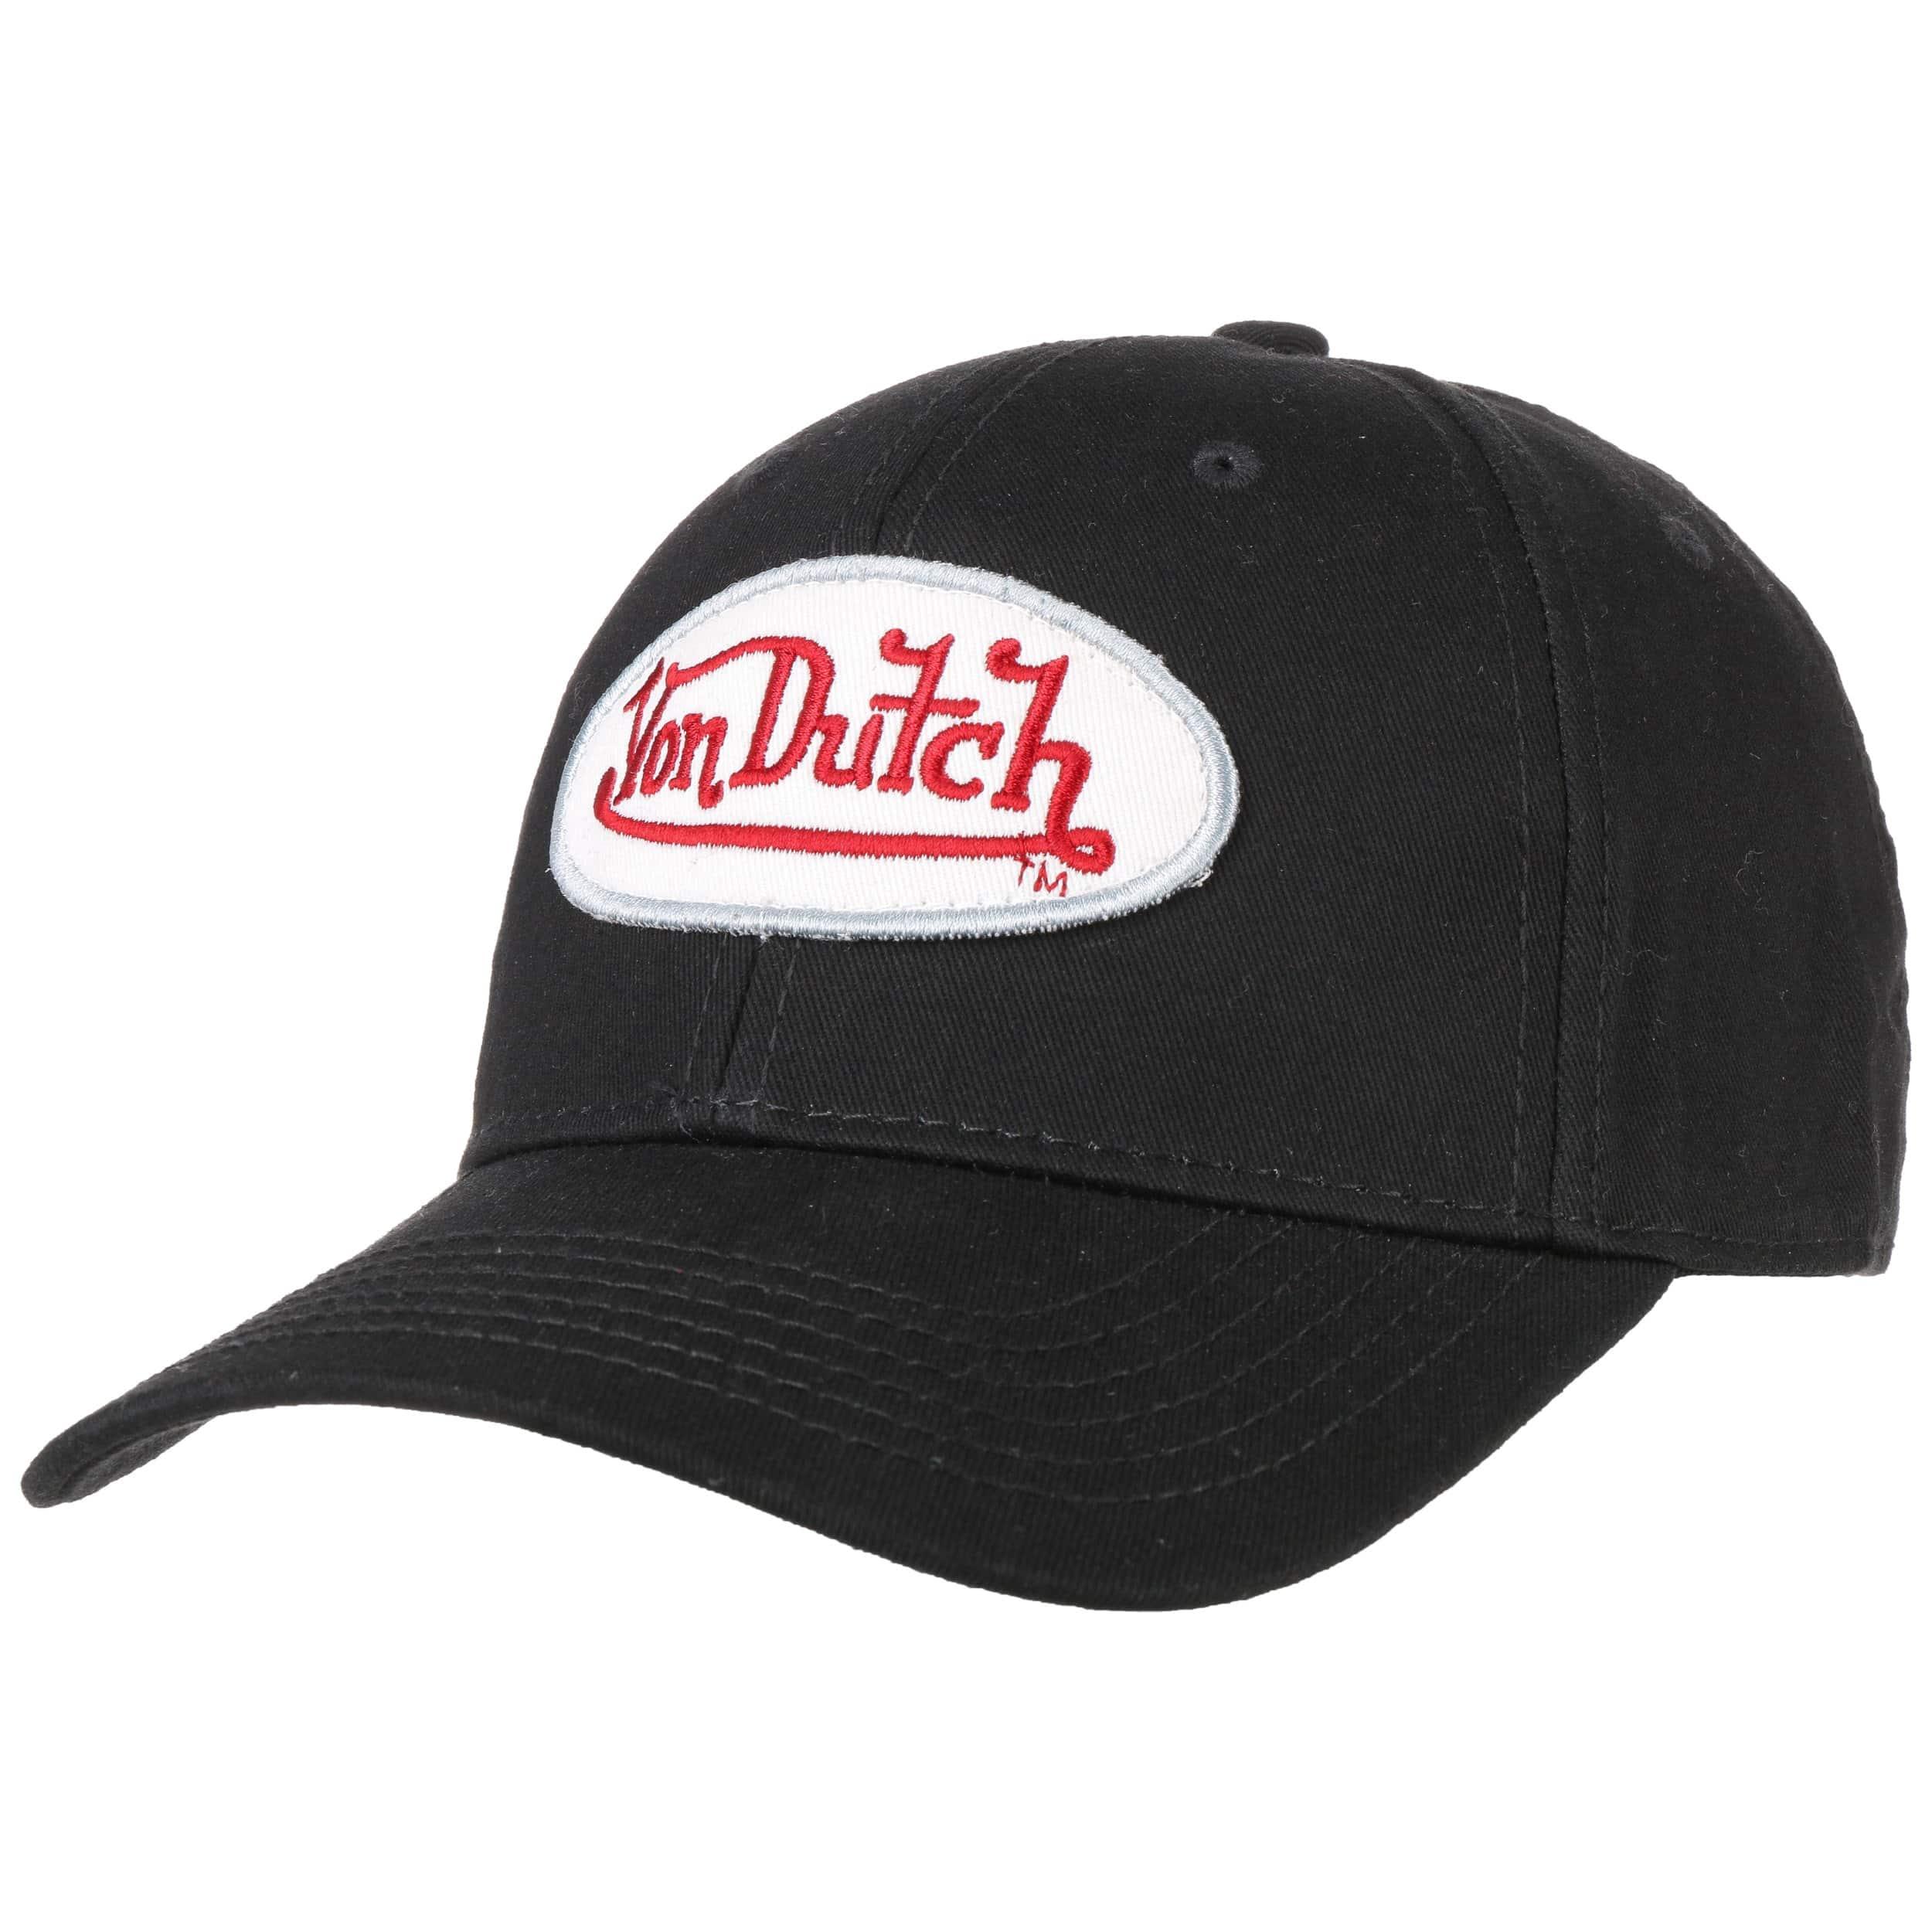 27293b4a0cec9 Snapback cap og dad hat von dutch eur hoeden mutsen jpg 2500x2500 Von dutch  baseball caps